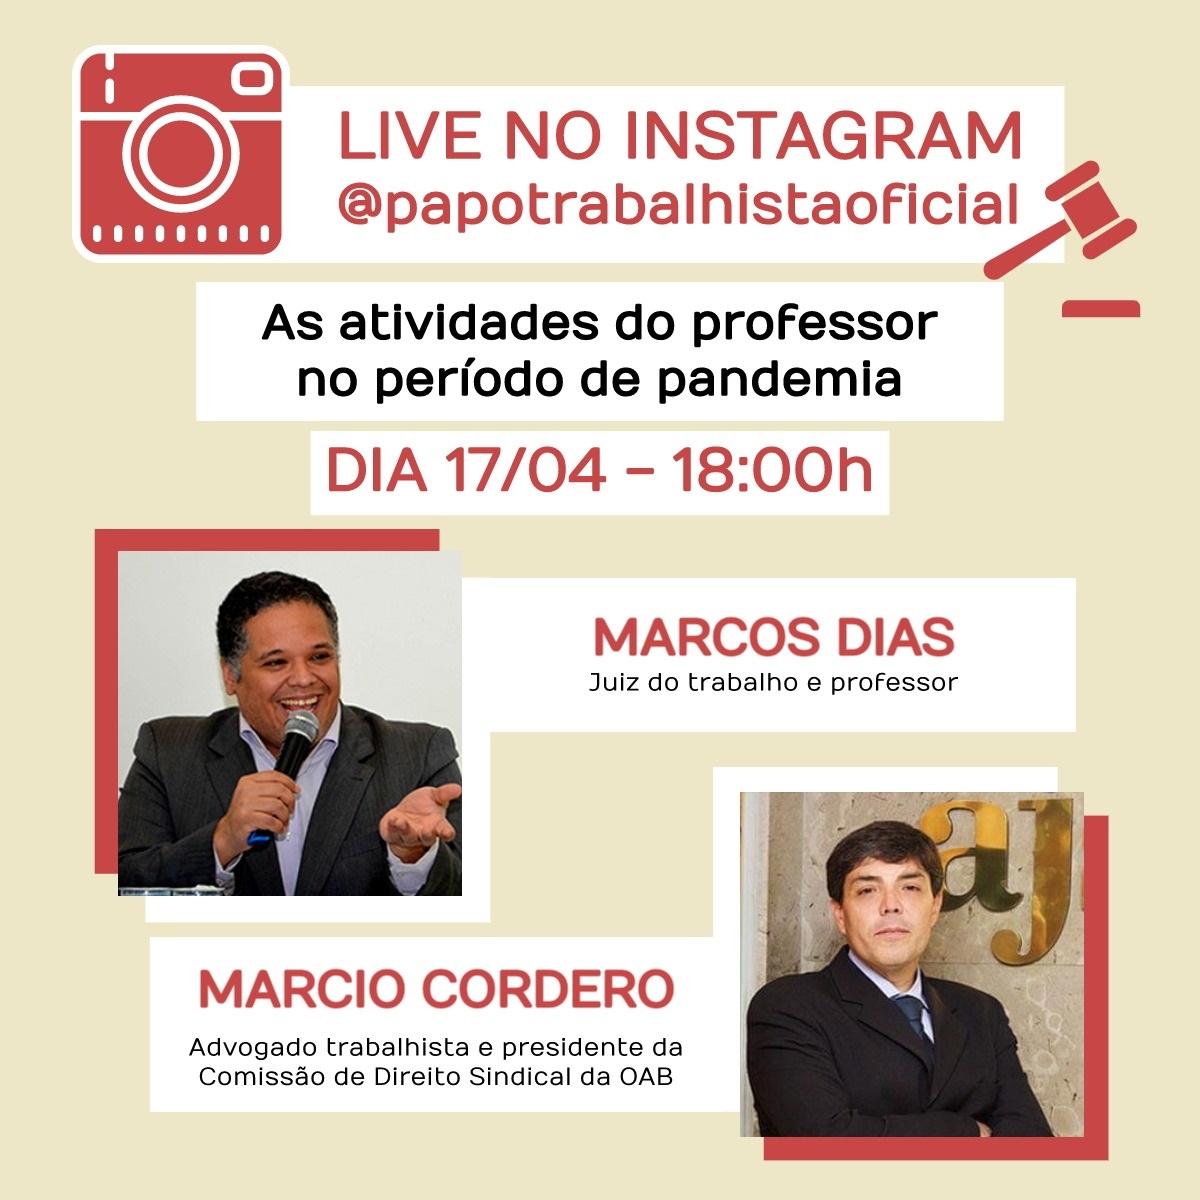 """Marcio Cordero faz live no Instagram sobre """"As atividades do professor no período de pandemia"""", nesta sexta (17/4)"""